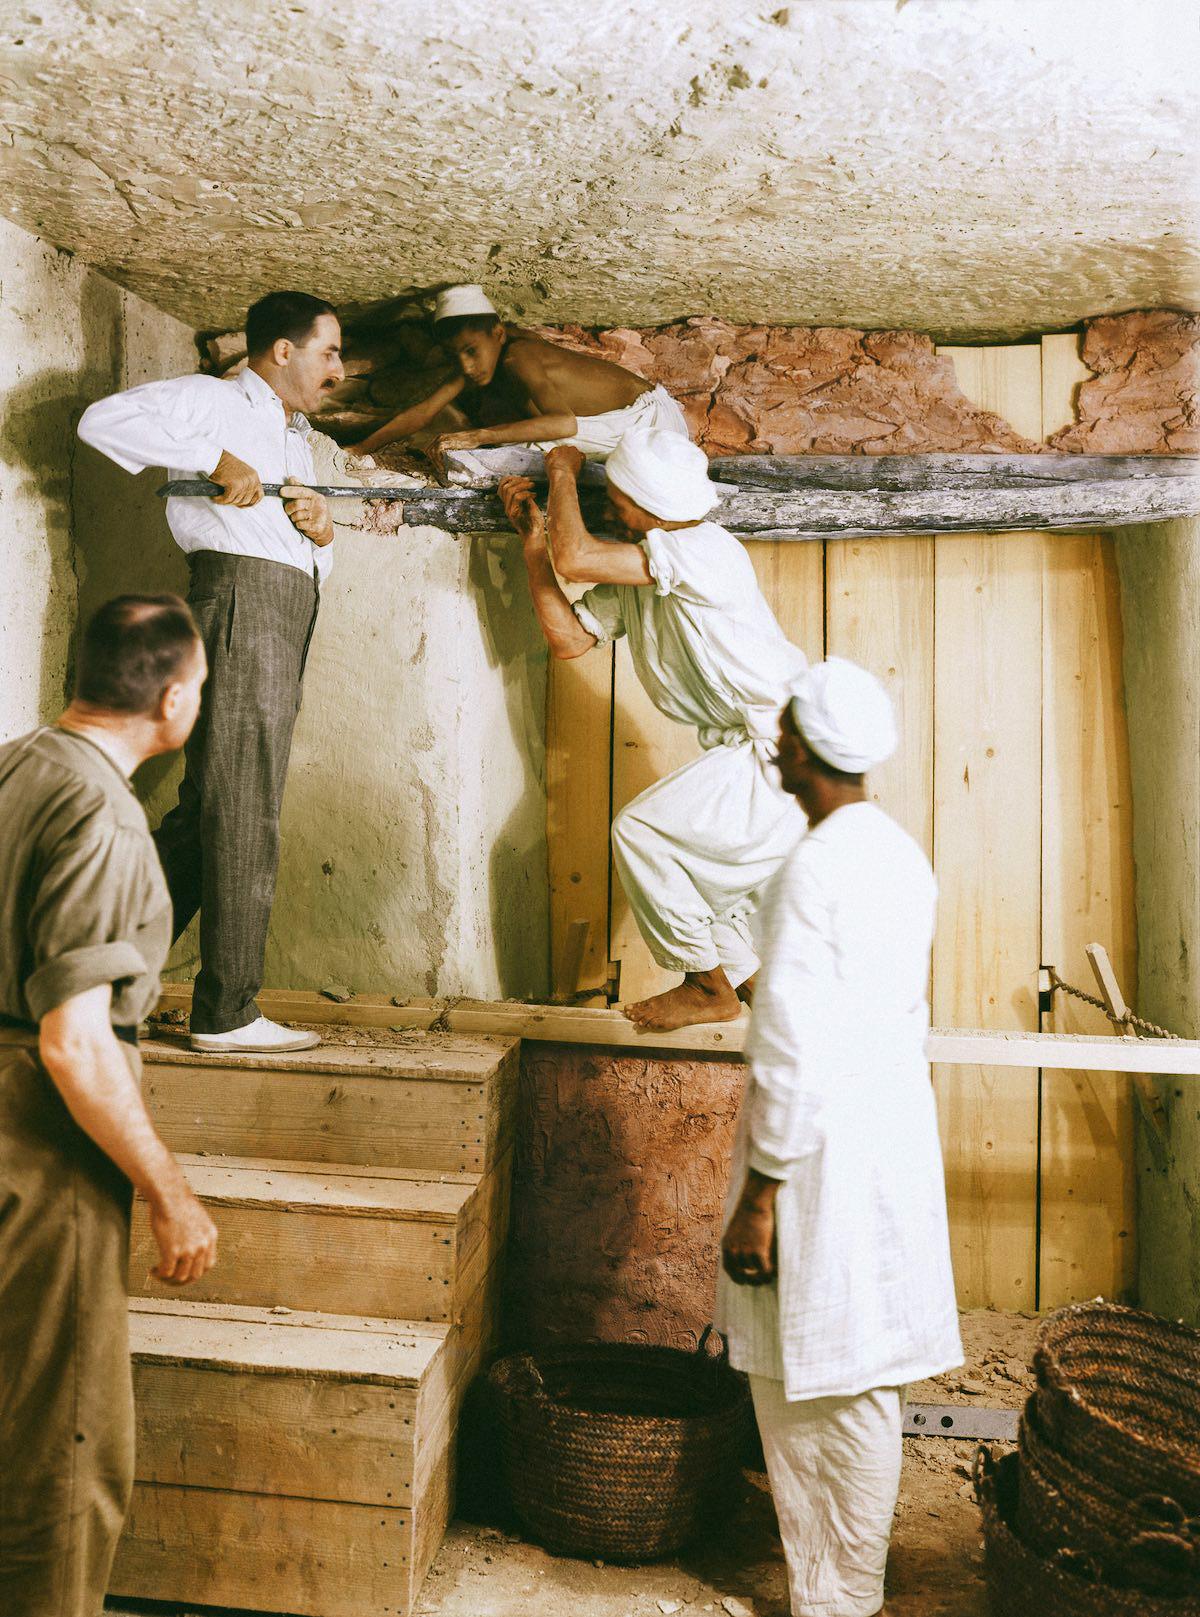 Картер, Каллендер и двое рабочих удаляют перегородку между передней и погребальной камерой.